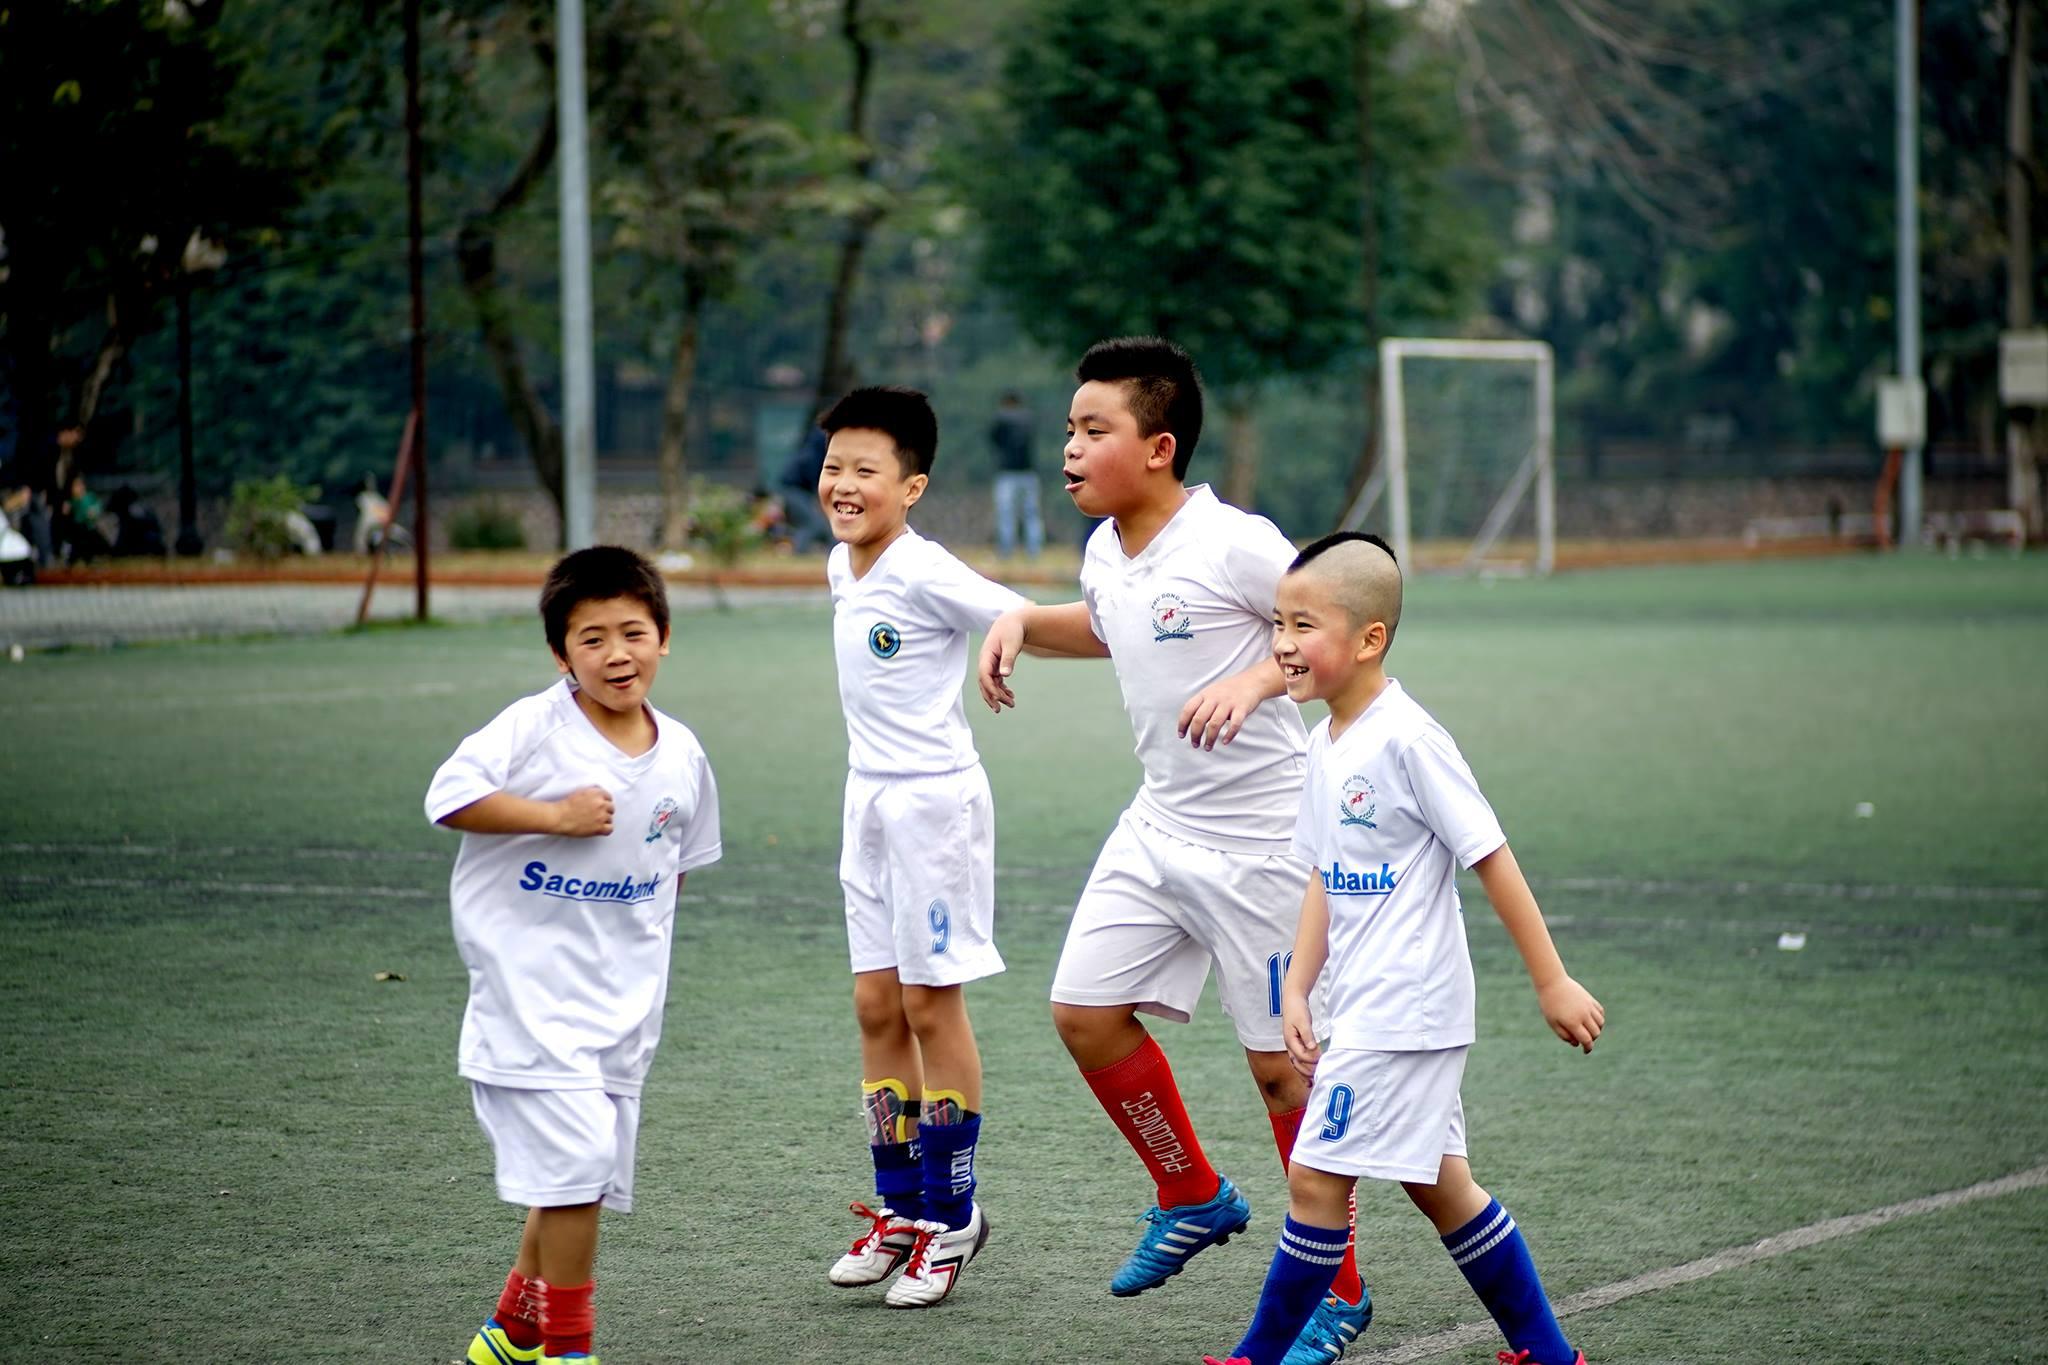 Trung tâm bóng đá Phù Đổng: Chắp cánh những ước mơ 2